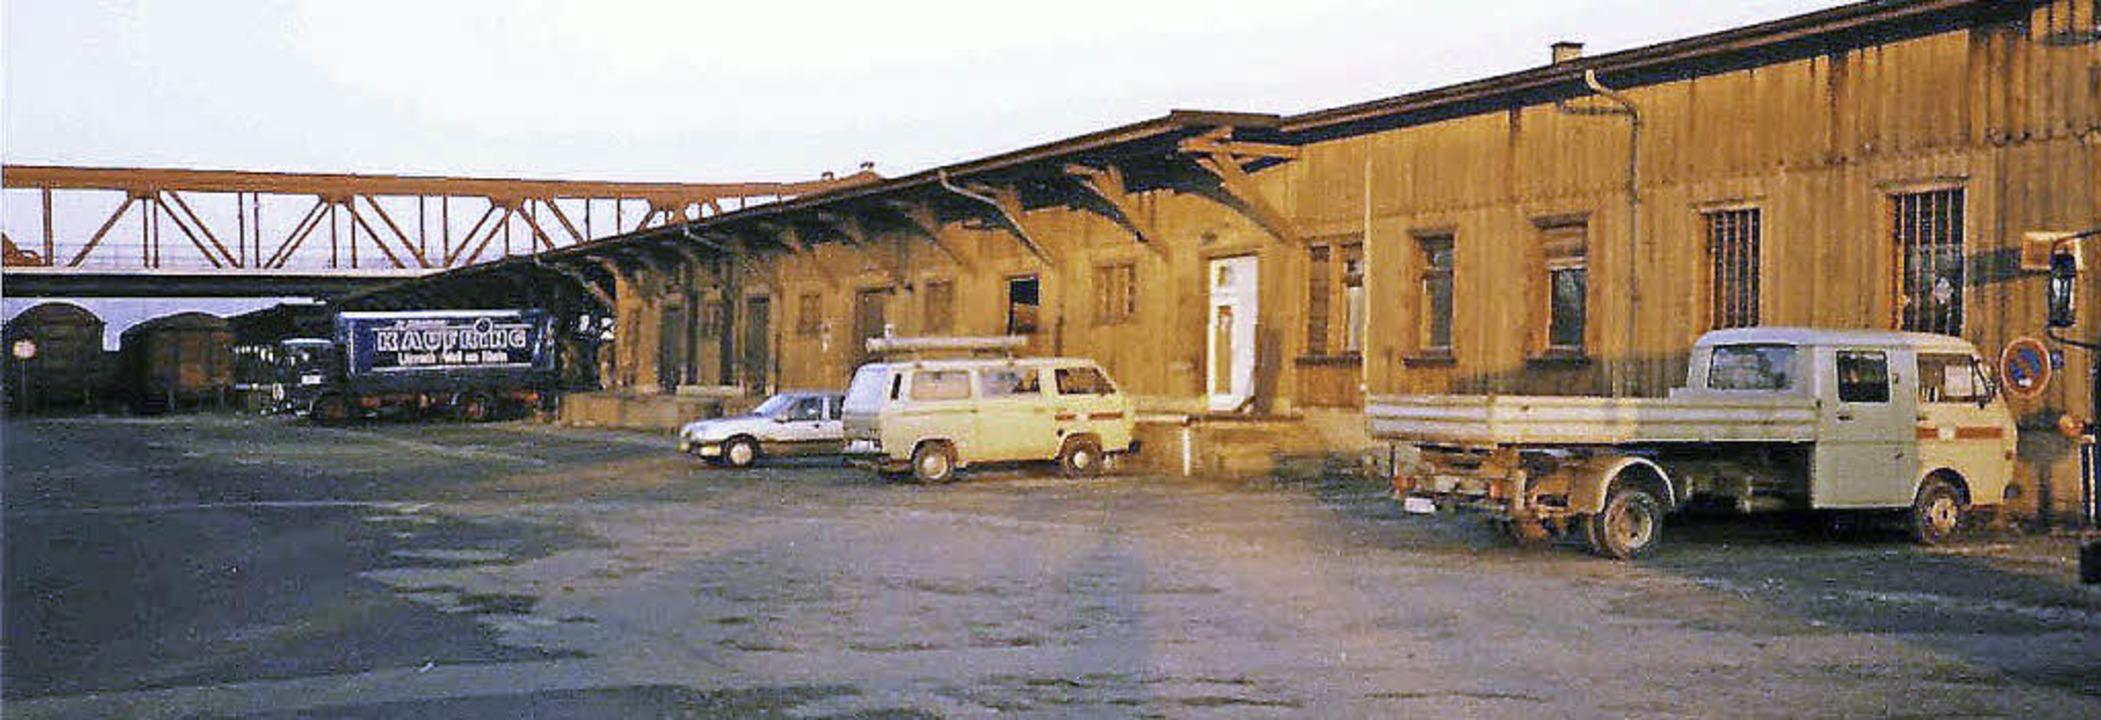 Ein Blick auf die Güterabfertigung im Rangierbahnhof im Jahr 1989   | Foto: Utke